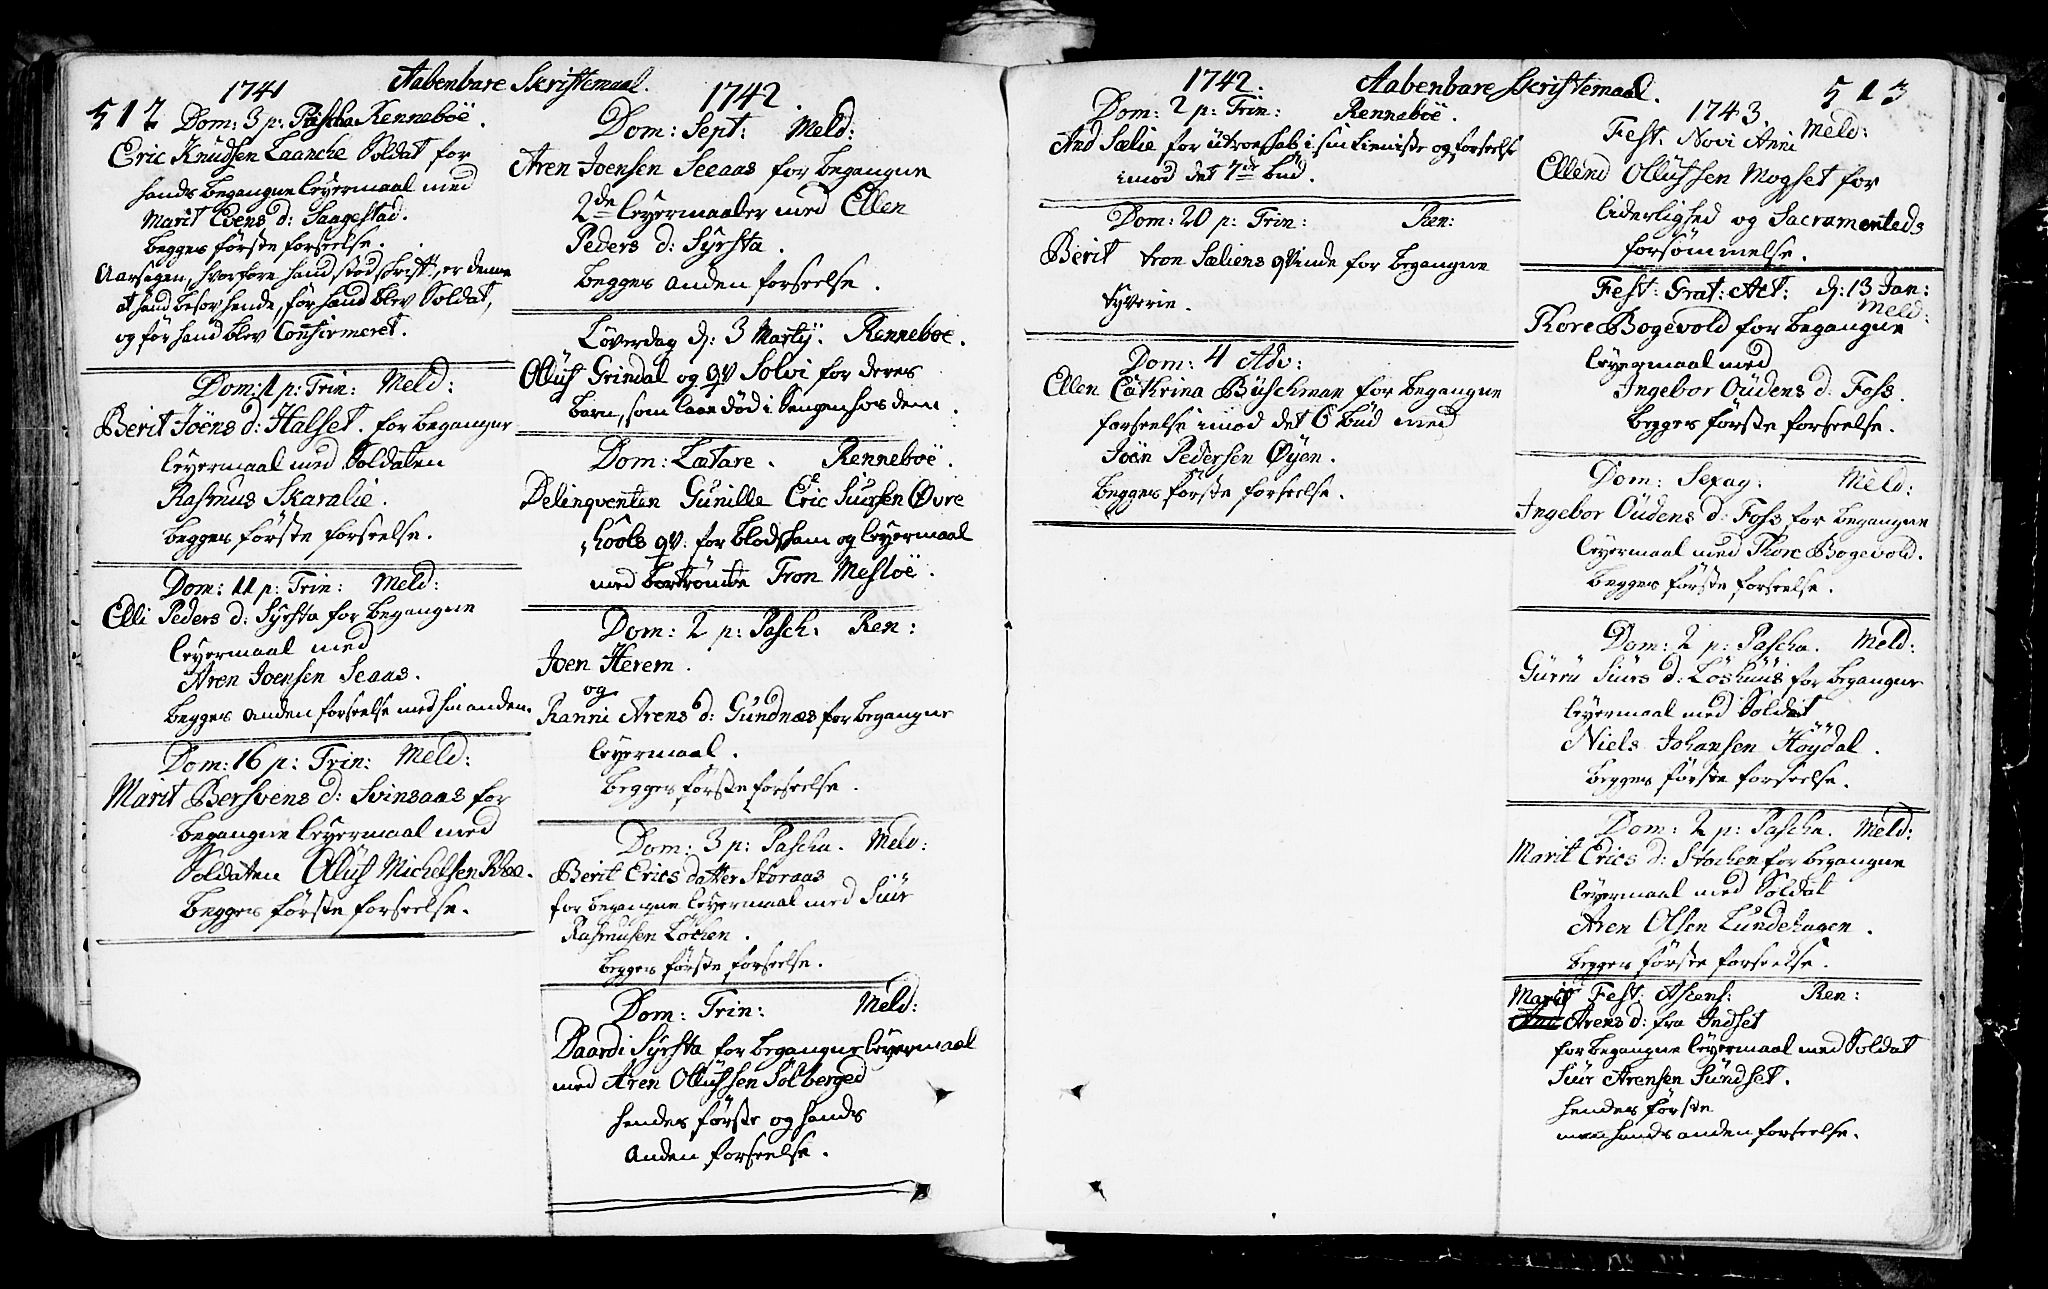 SAT, Ministerialprotokoller, klokkerbøker og fødselsregistre - Sør-Trøndelag, 672/L0850: Ministerialbok nr. 672A03, 1725-1751, s. 512-513